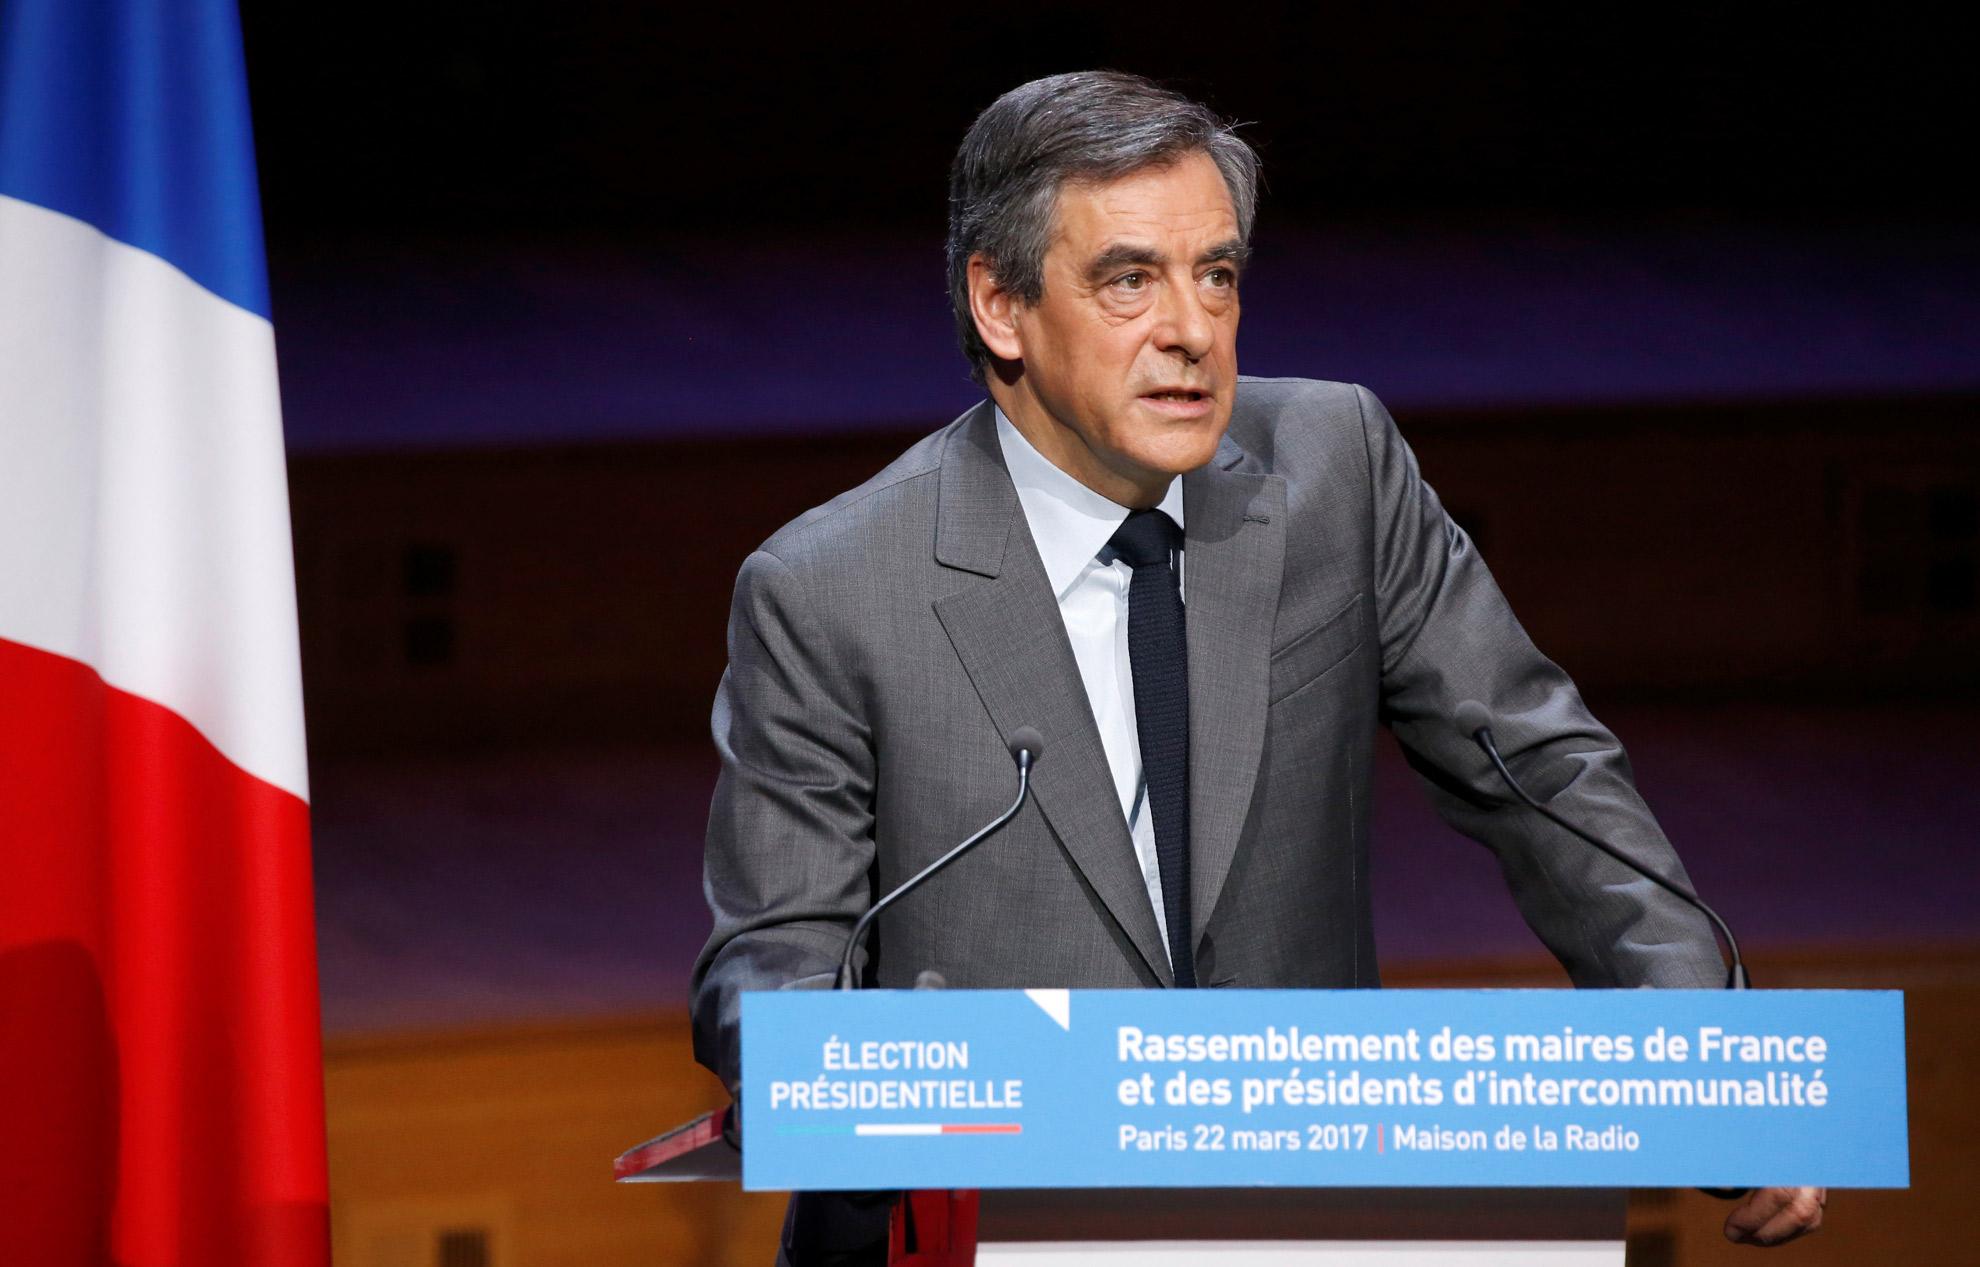 François hollande accuse françois fillon de manquer de dignité